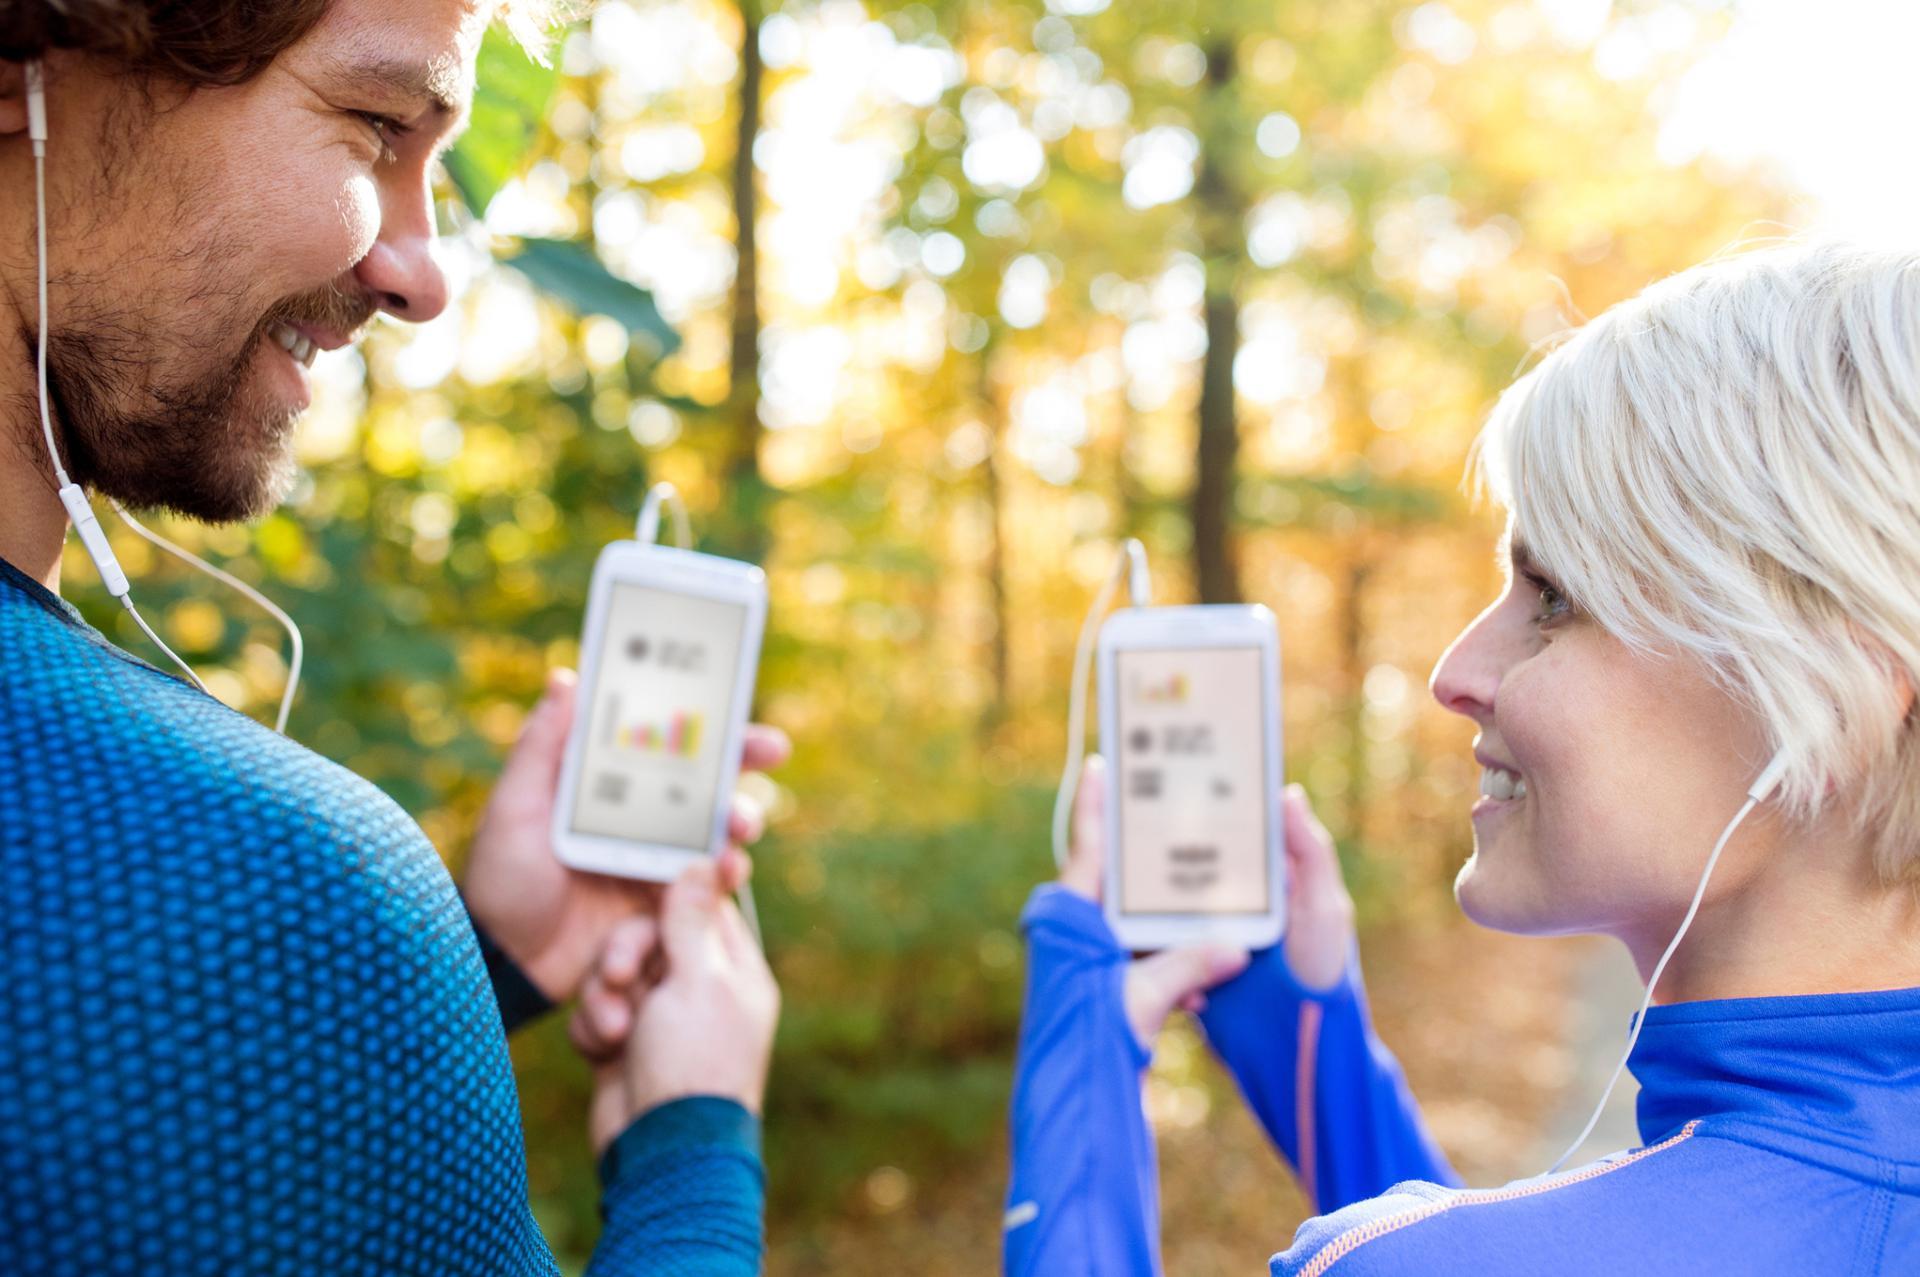 fa7fb259 Aplikacje do biegania. 9 najlepszych aplikacji dla biegaczy - WFormie24.pl